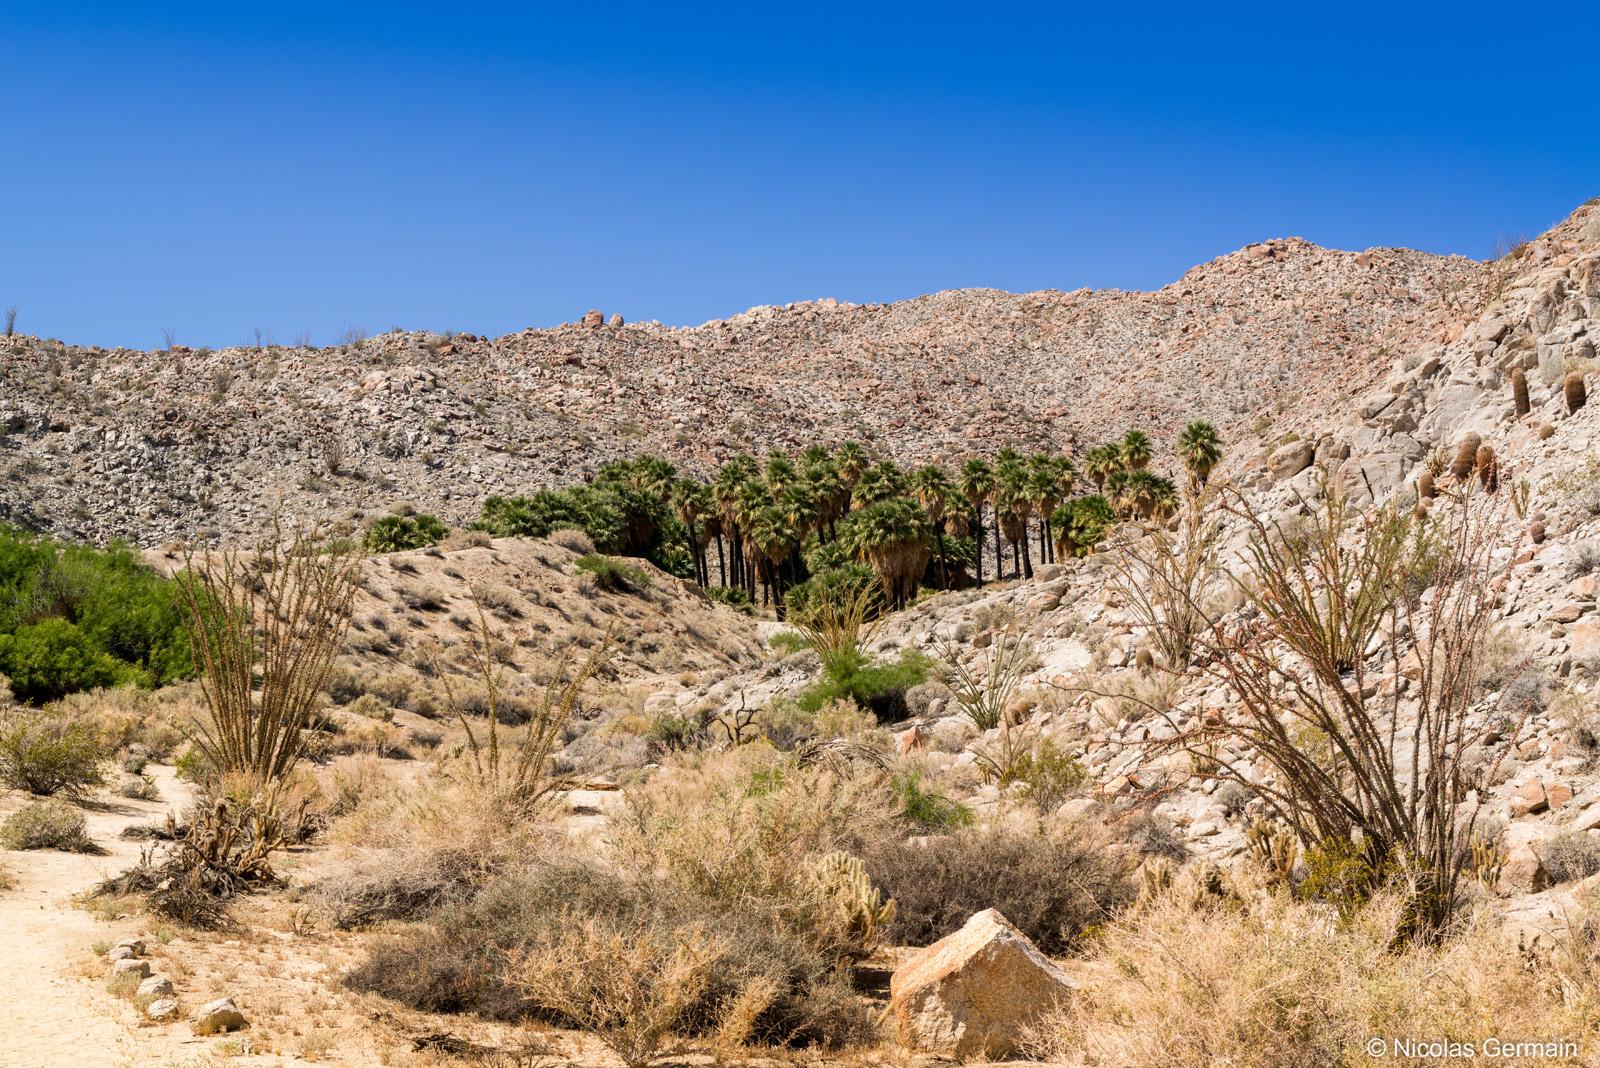 Oasis de Palm Bowl dans Anza Borrego State Park, Californie